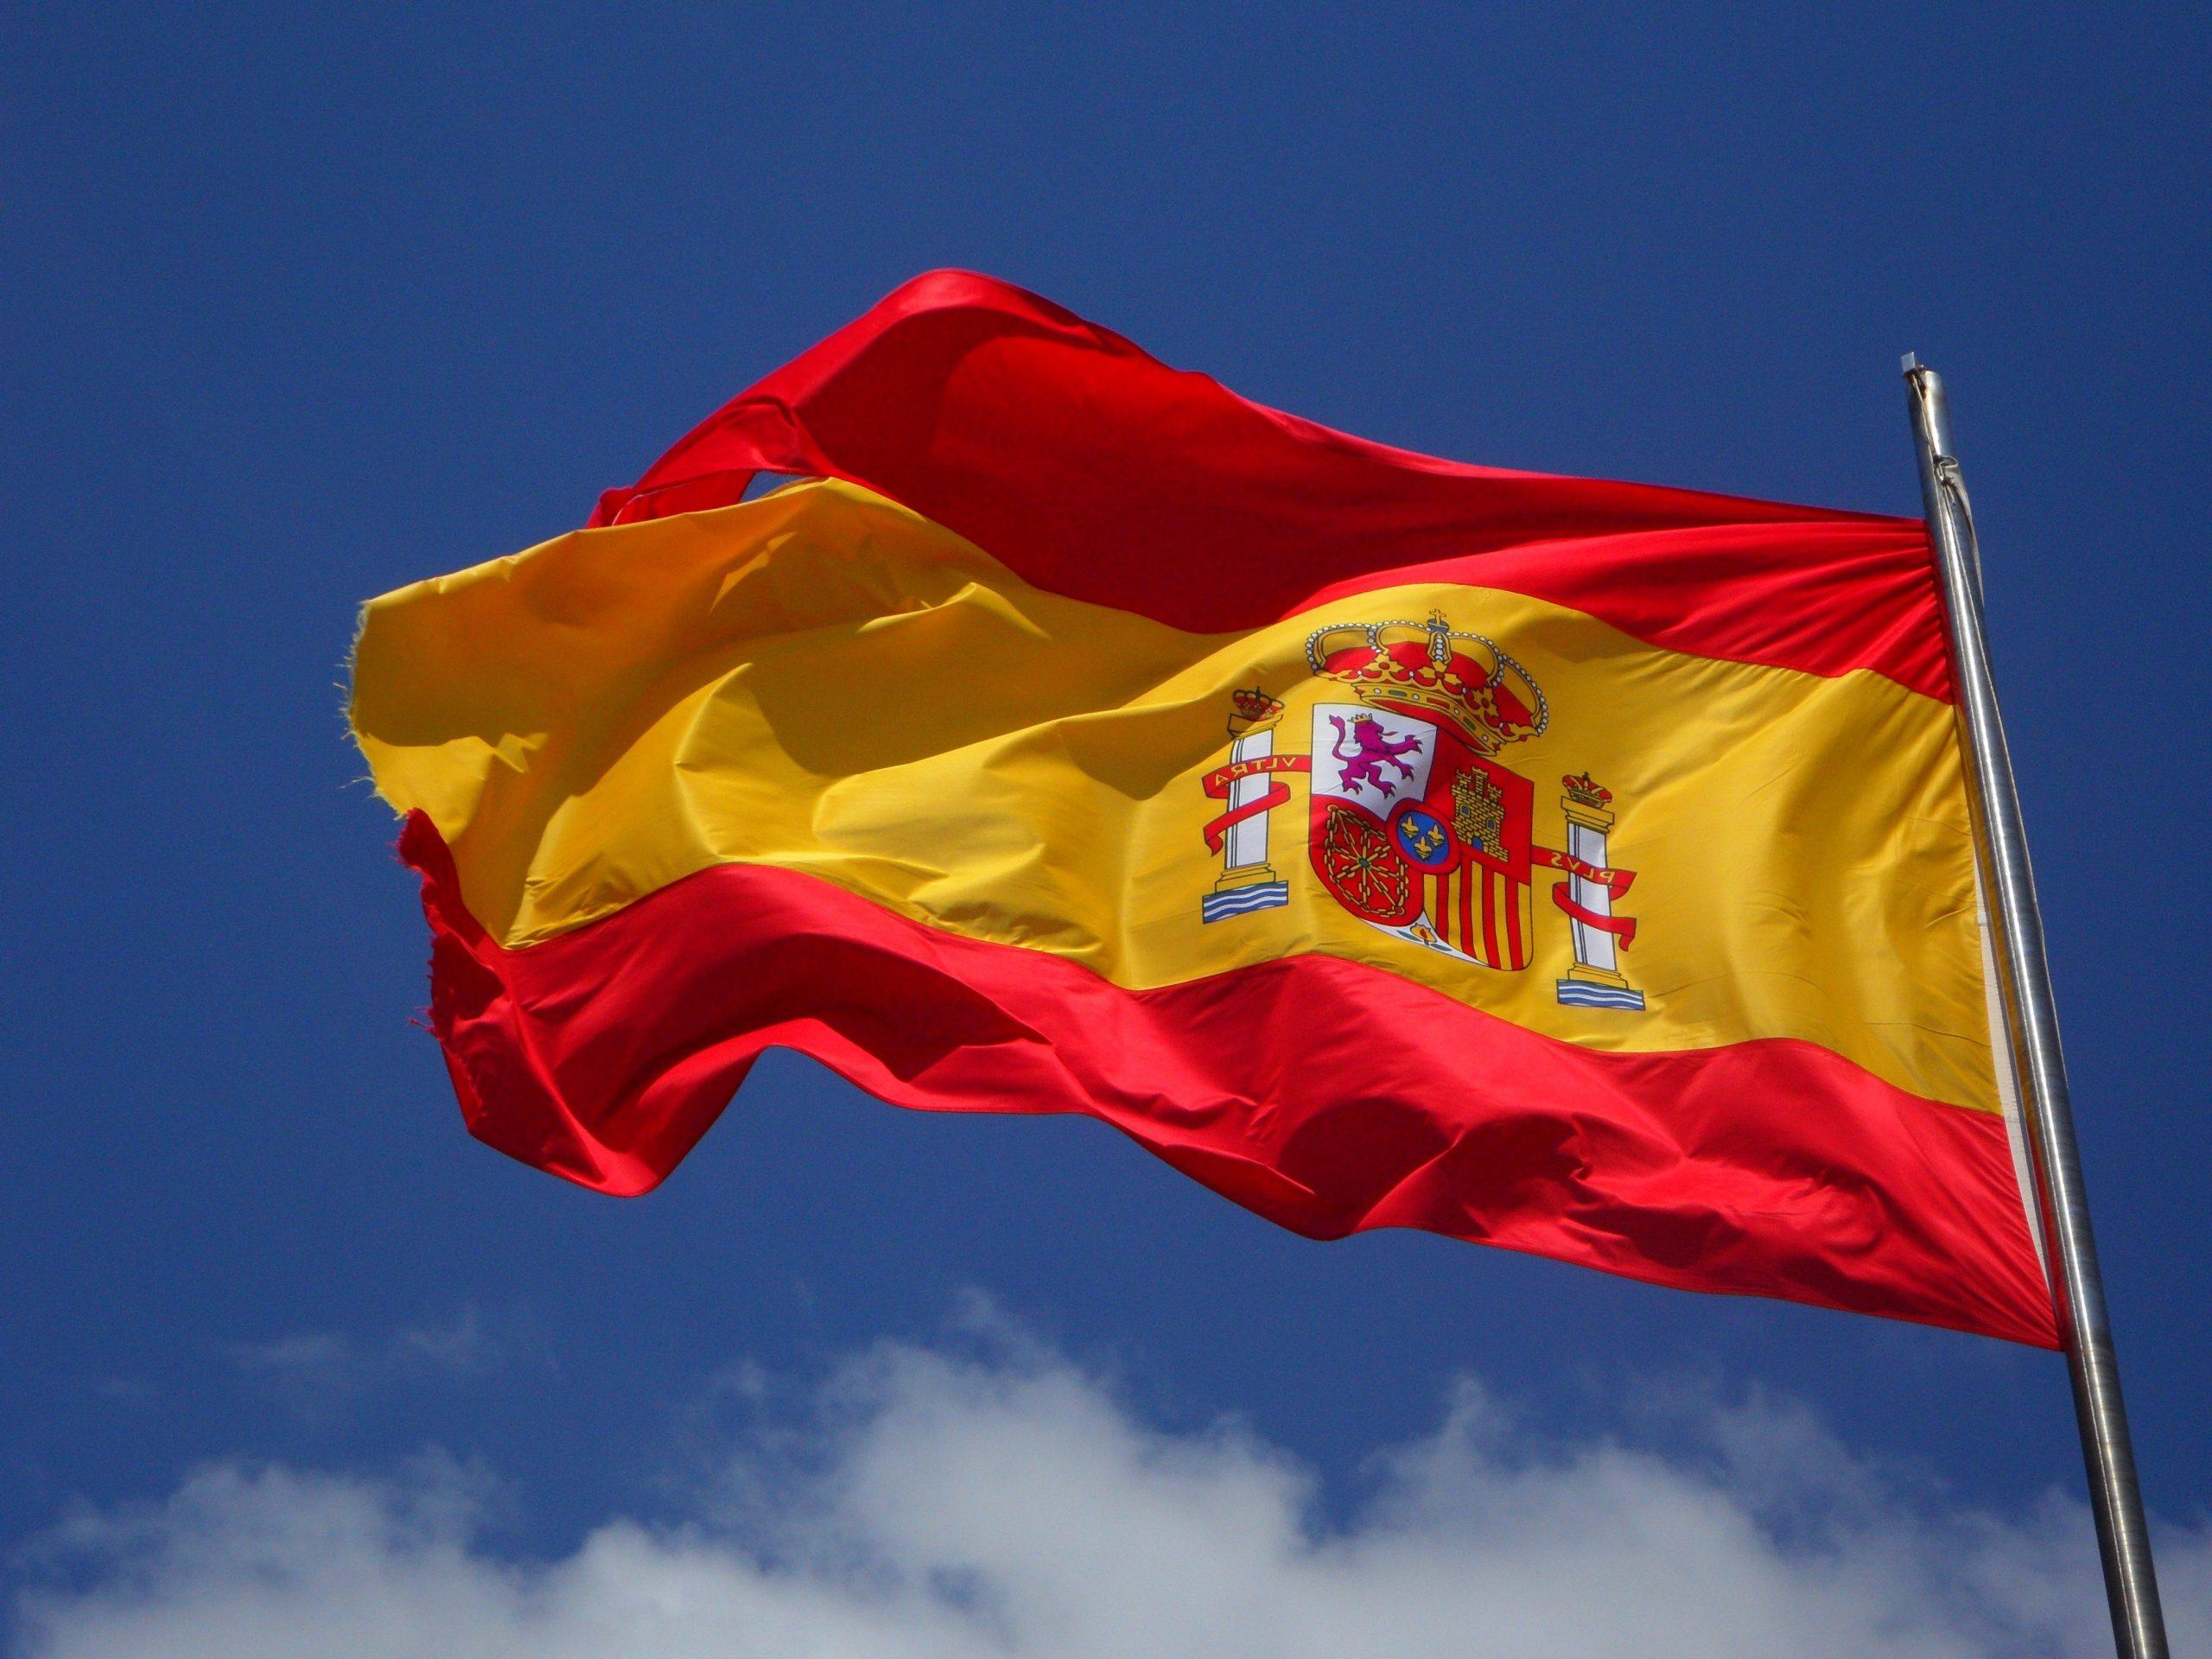 bandeira da Espanha balançando em céu azul